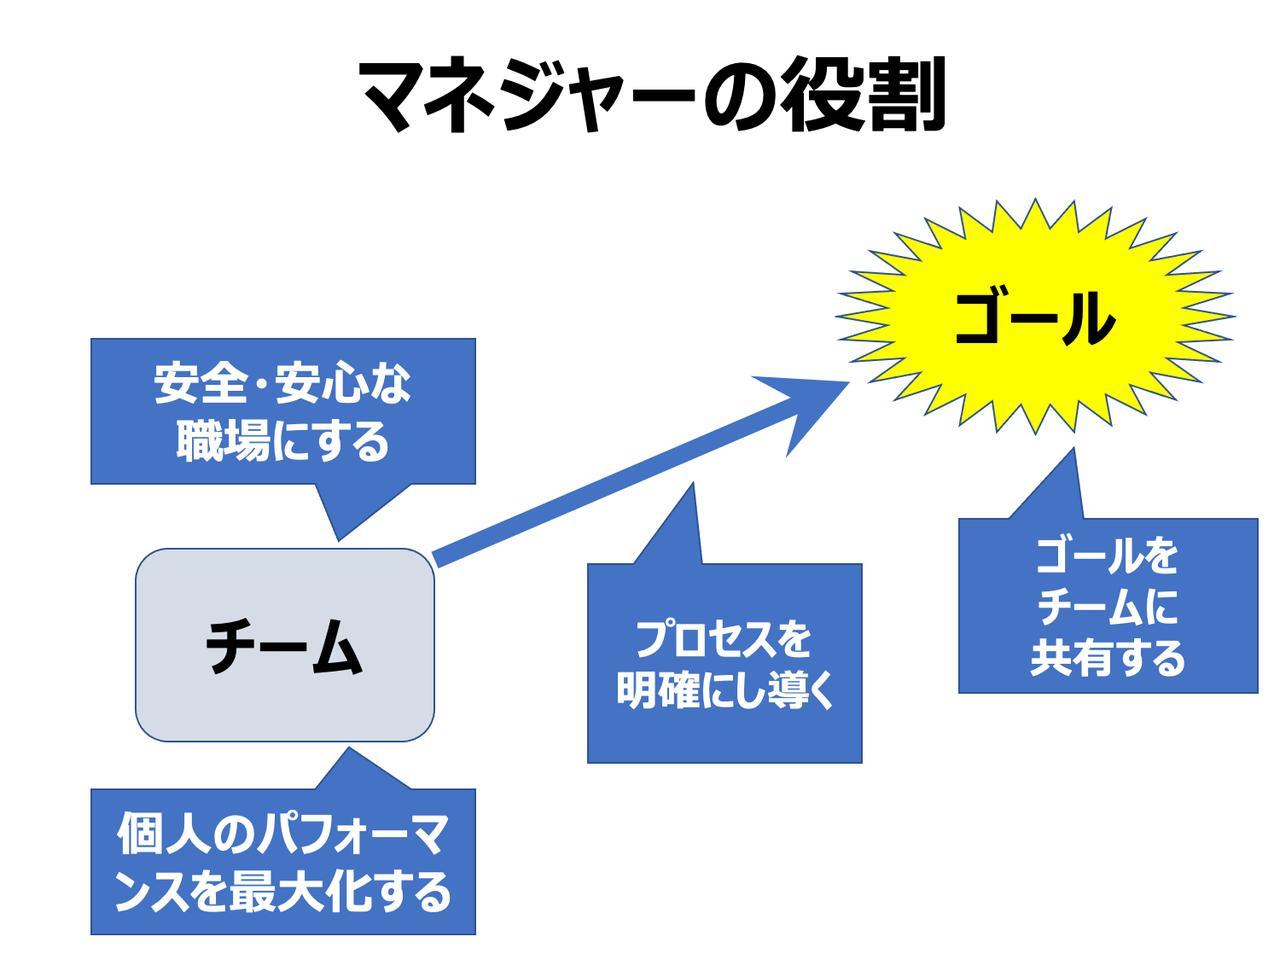 画像2: Yahoo!アカデミア学長、伊藤氏に聞く ── アフターコロナ時代のチームリーダーに求められること